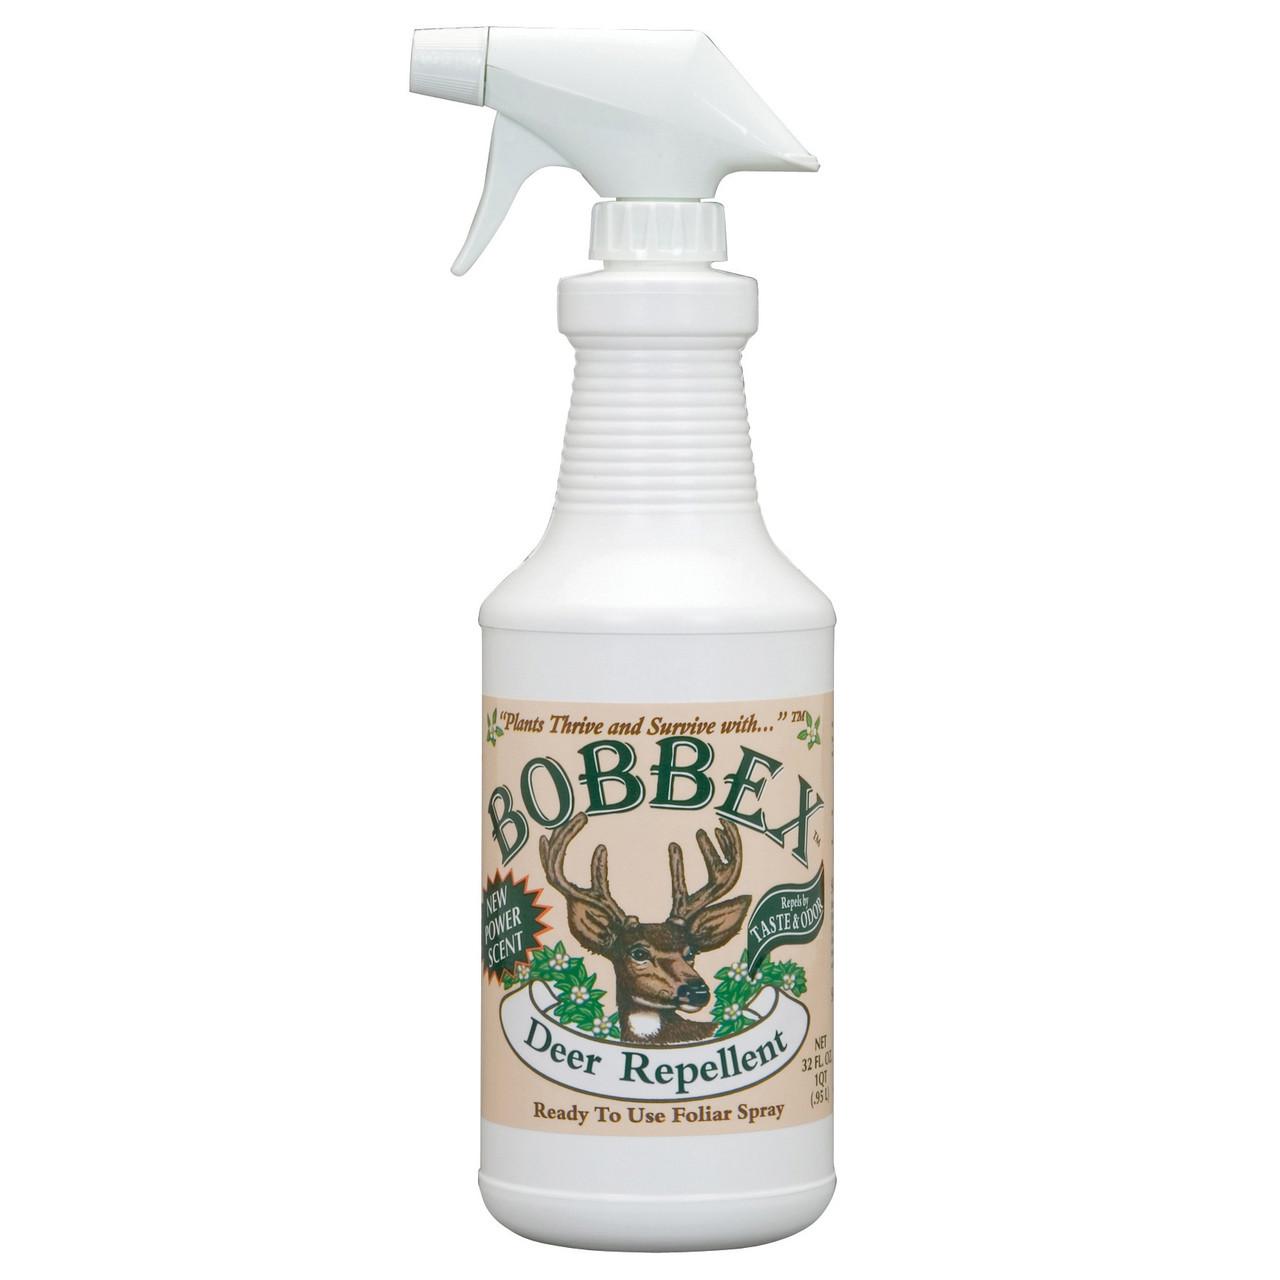 Bobbex-32oz-Deer-Repellent-RTU